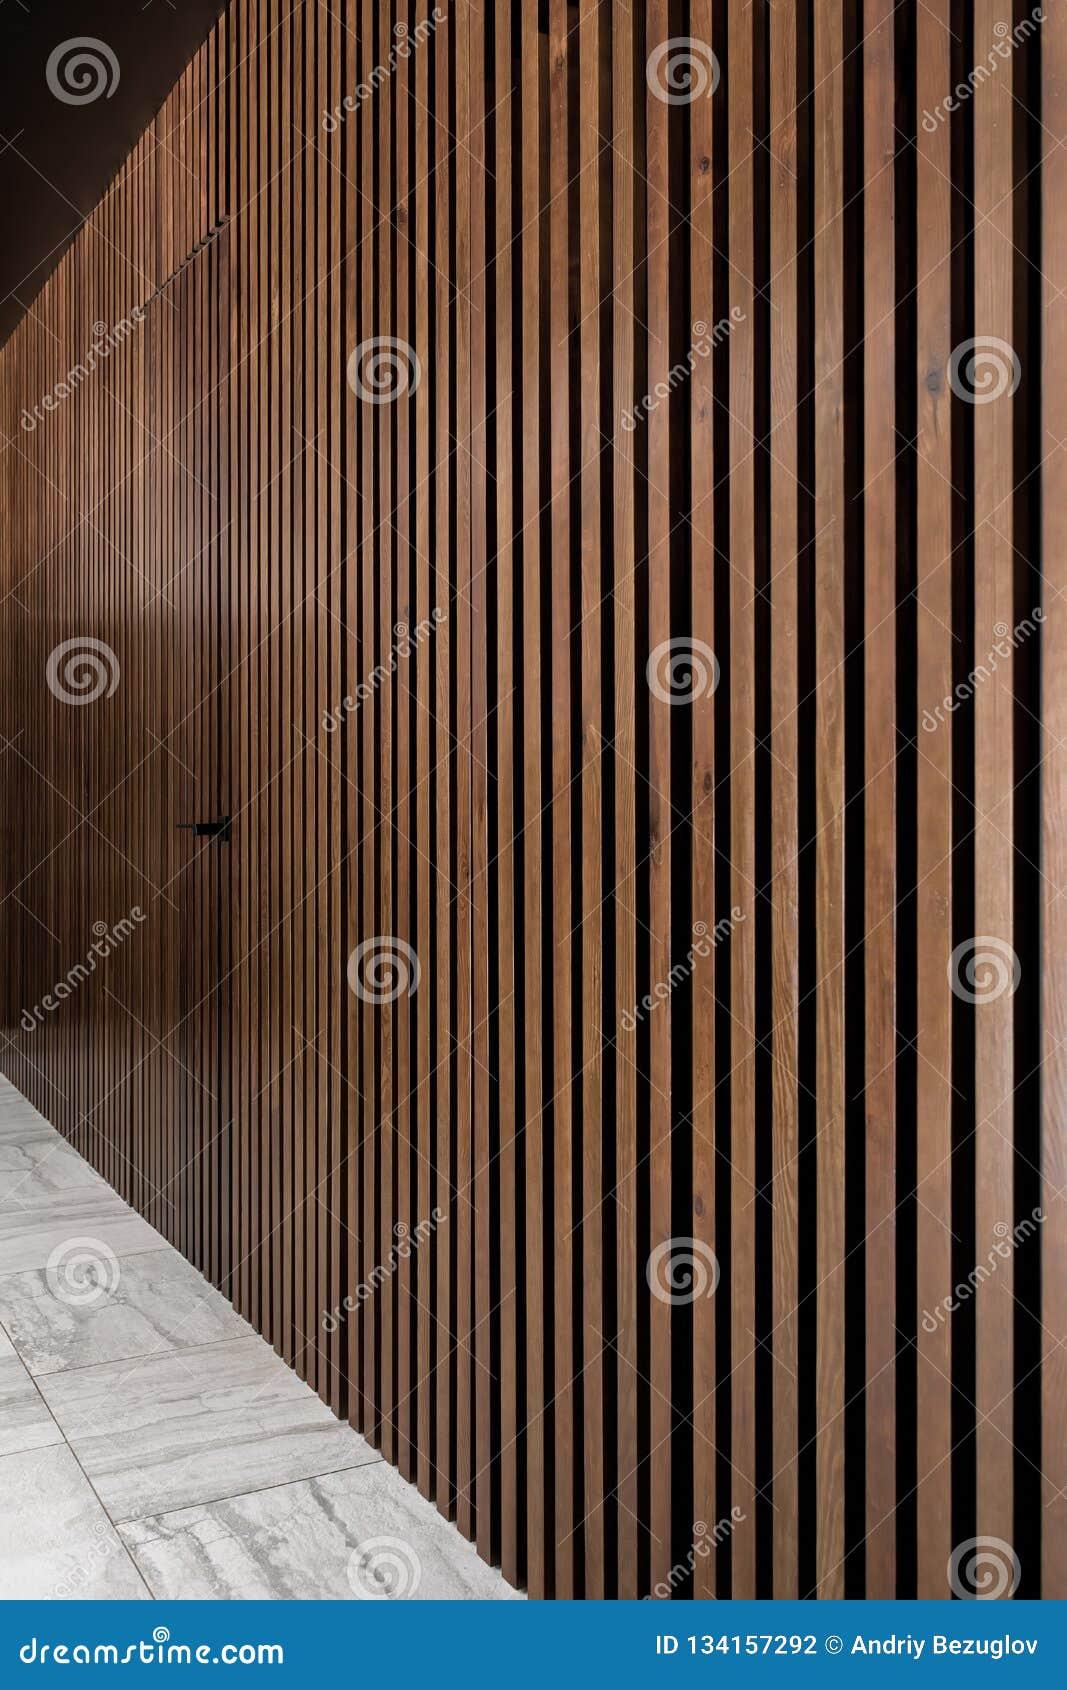 Verlicht binnenland met rooster houten muur met deur